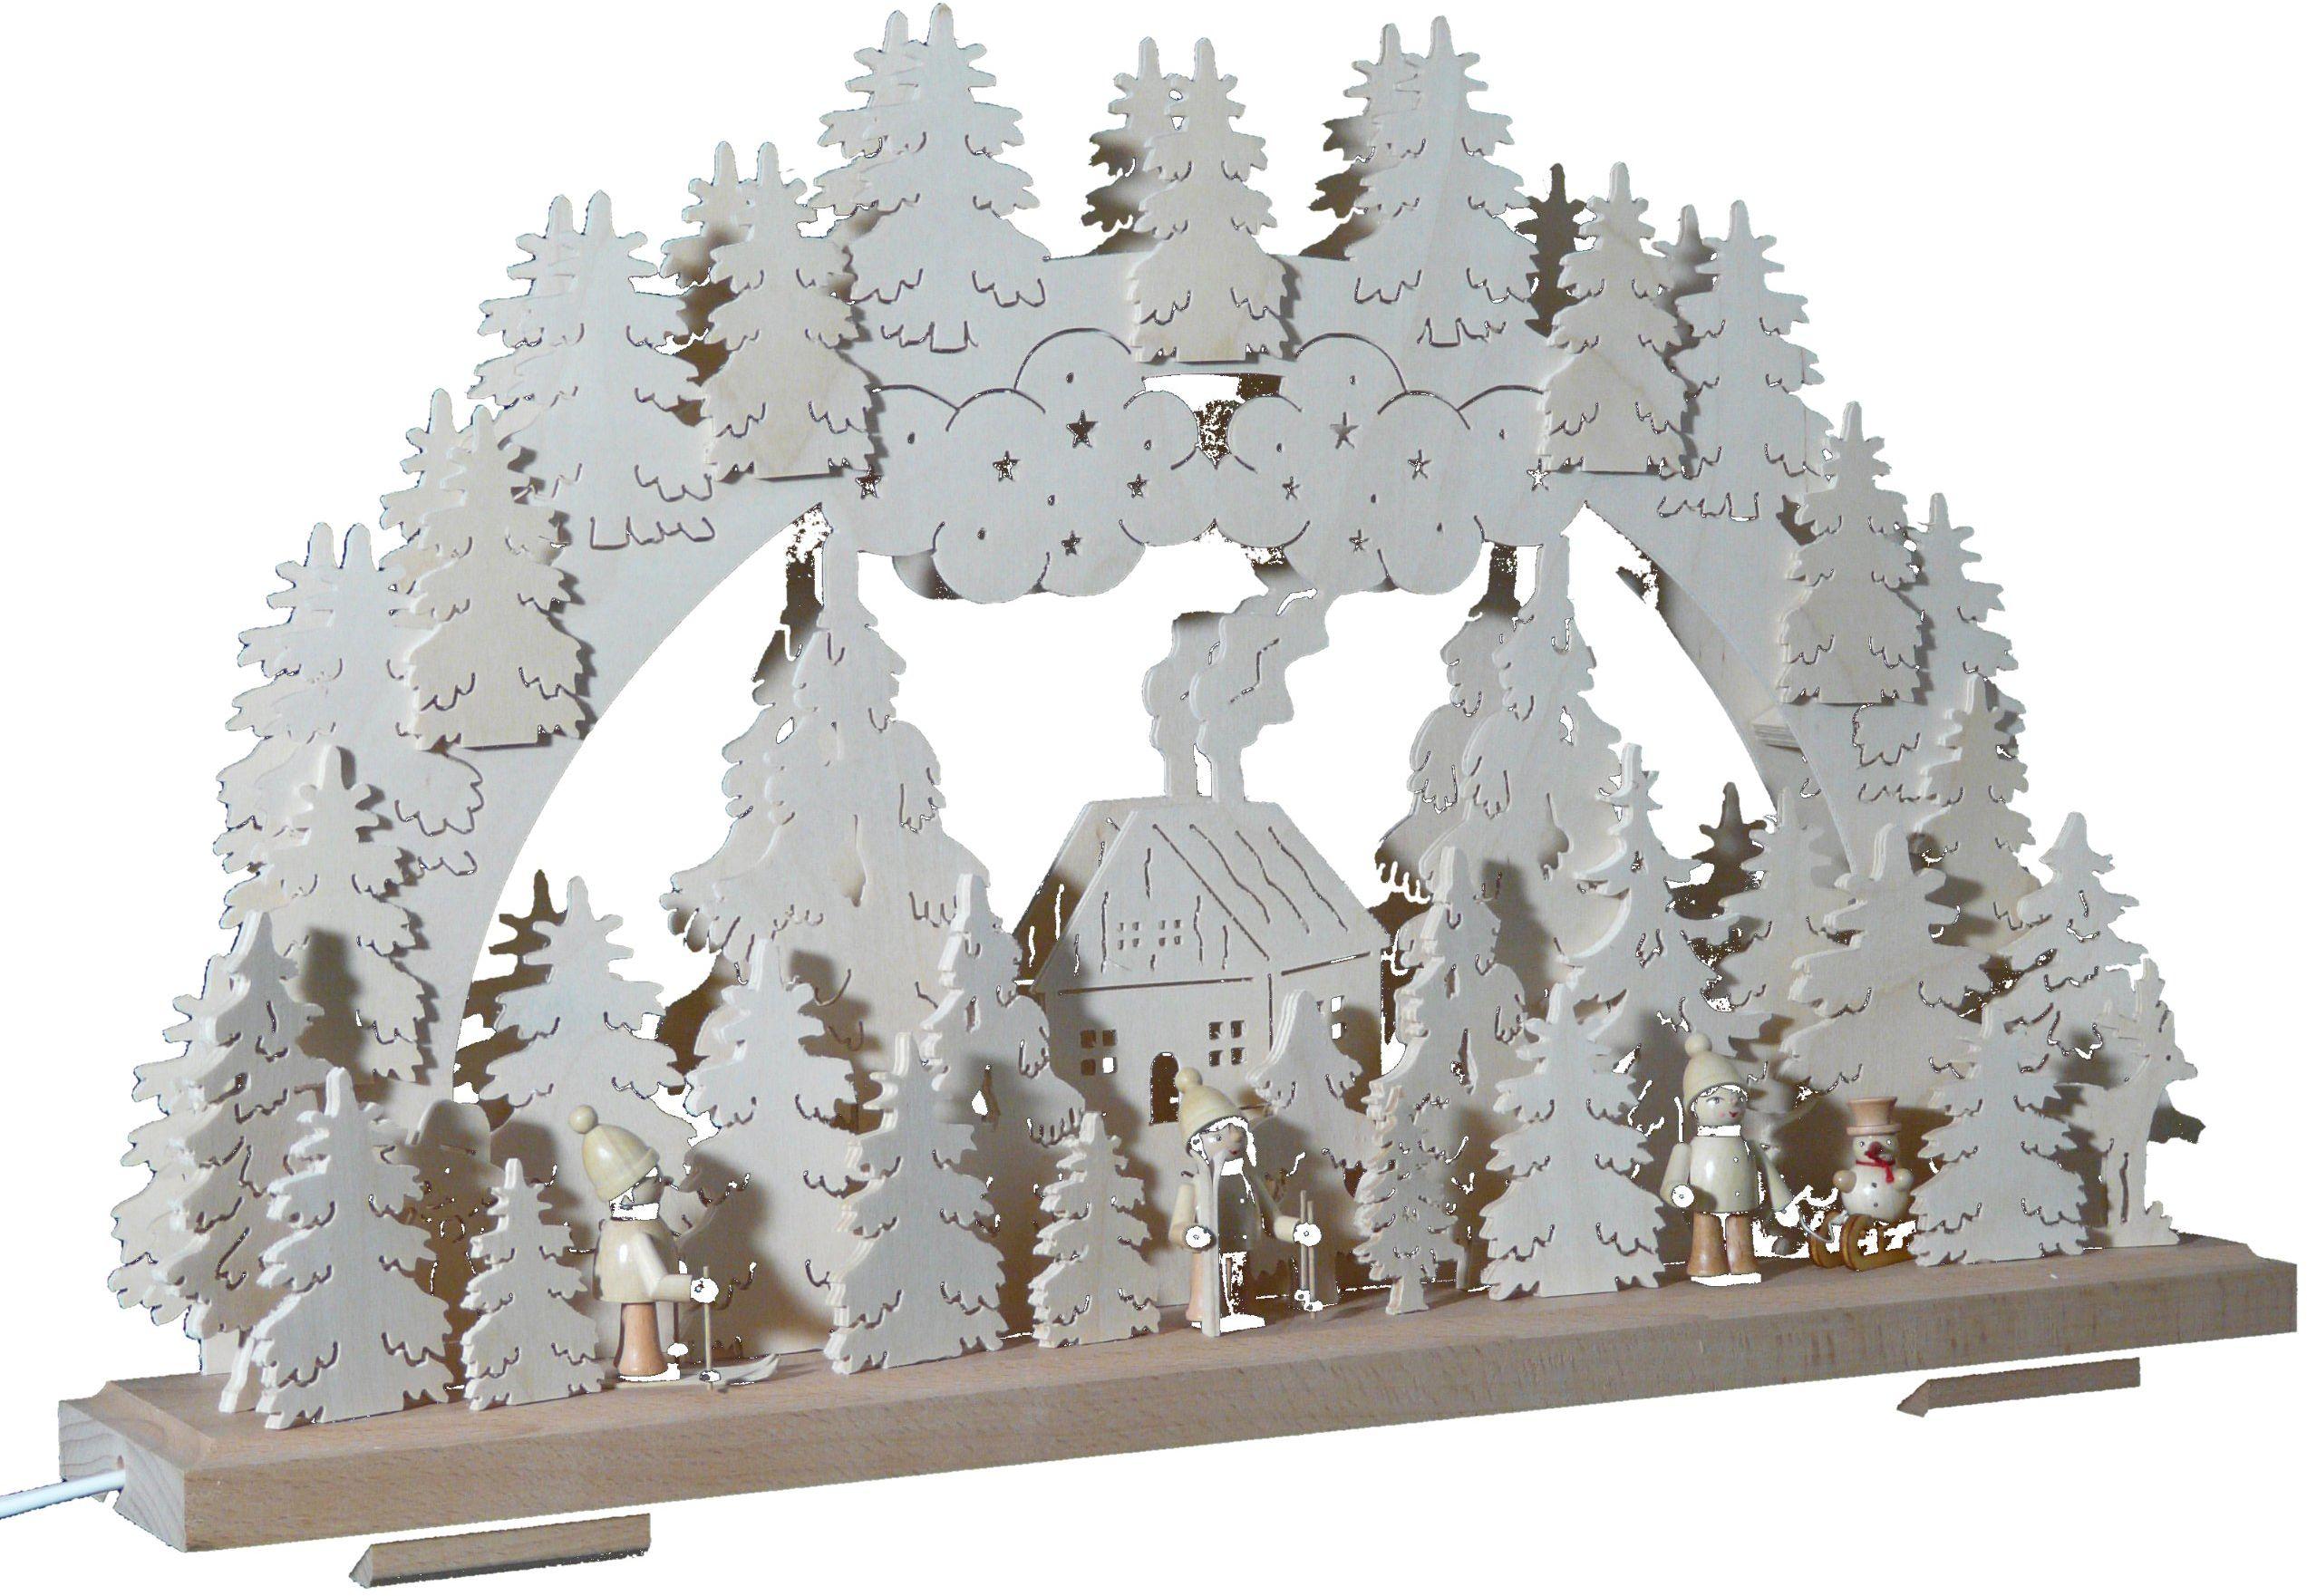 SchwibboLa 3-192 Erzgebirgischer podwójnie podświetlany świecznik łukowy z certyfikatem 3-192, 50 x 30 cm